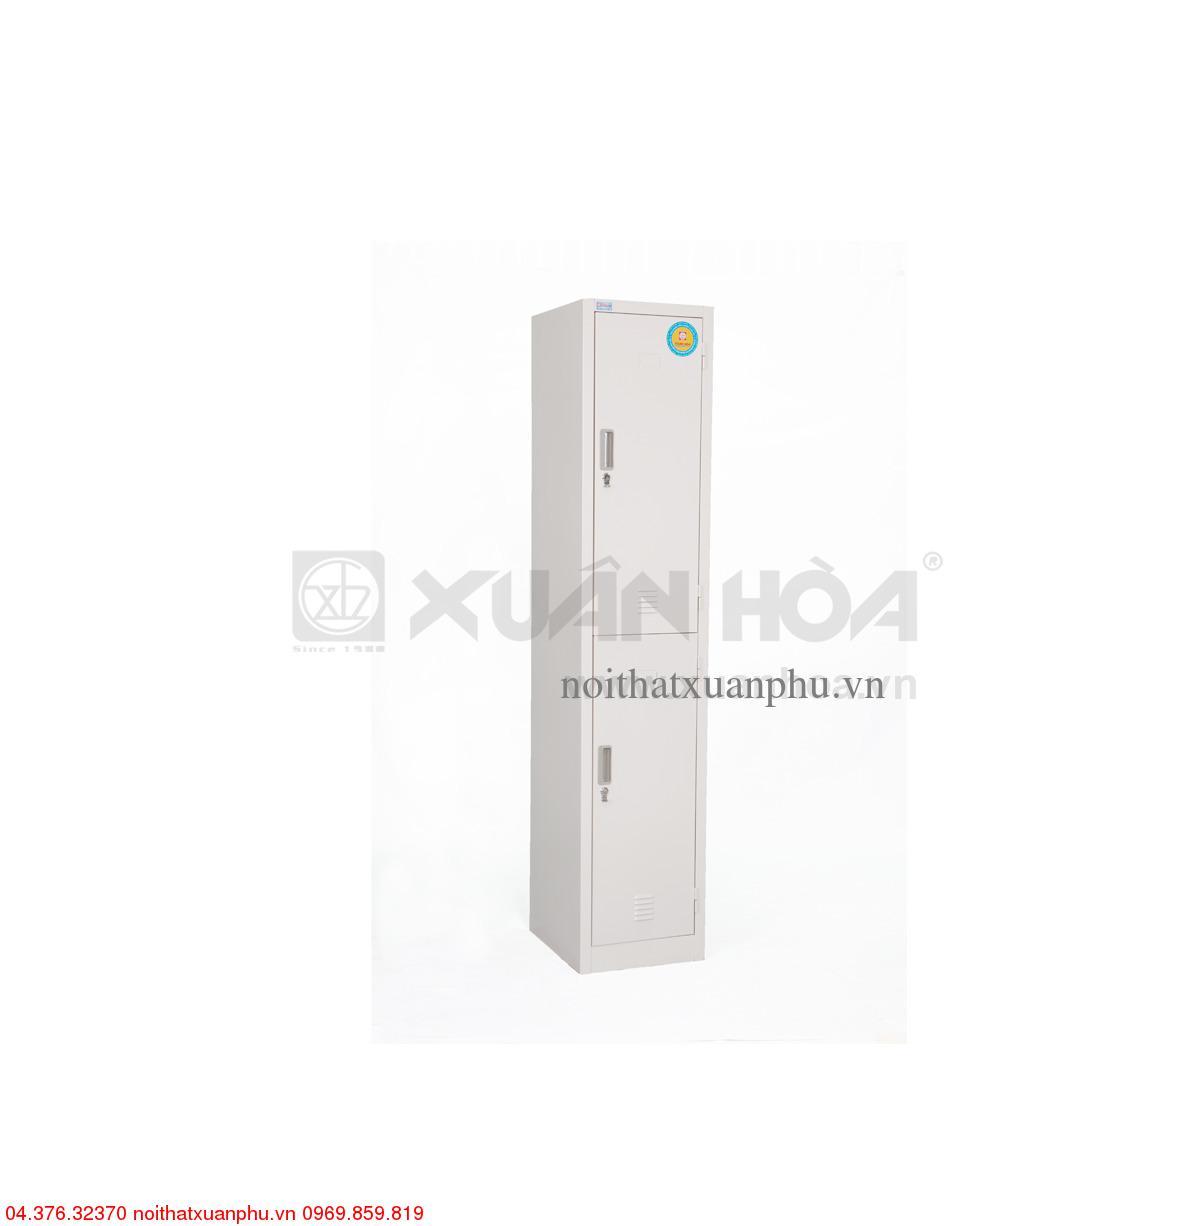 Hình ảnh sản phẩm Tủ loocker LK-2N-01D